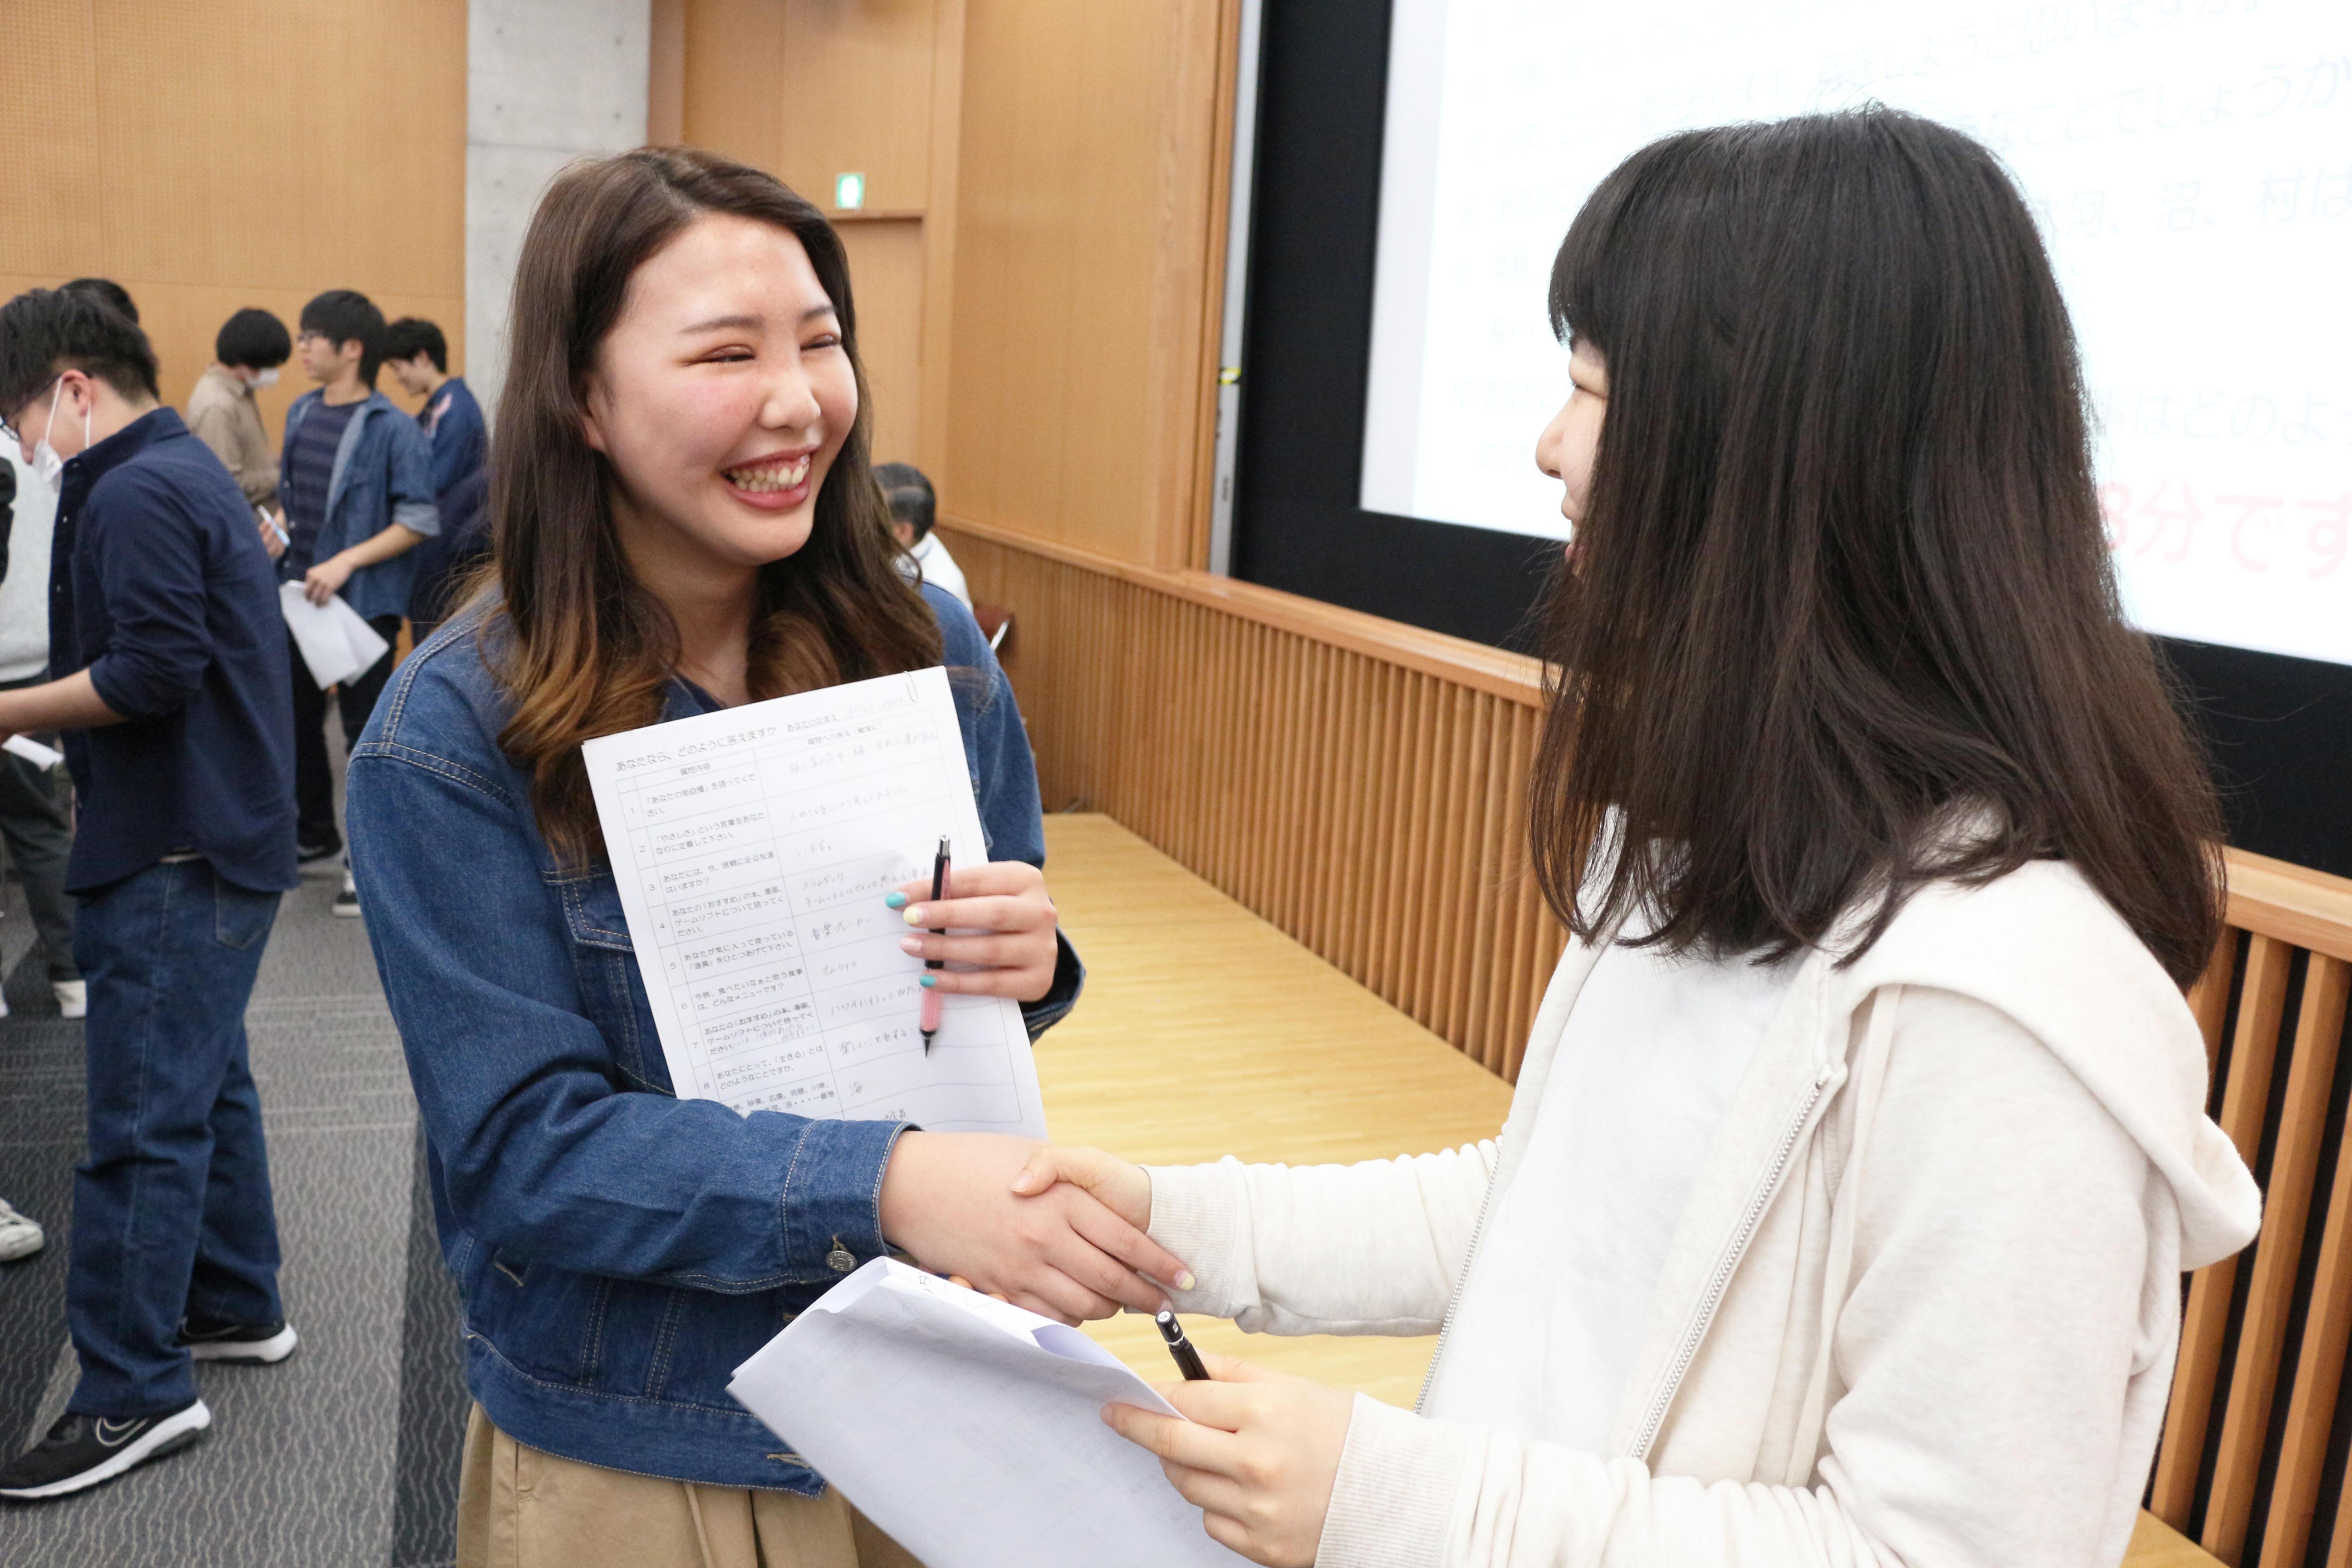 入学式前の3/29に新入生向け特別オリエンテーション『TOGAKU教養』を実施--学びのコミュニティづくりを大学がサポート